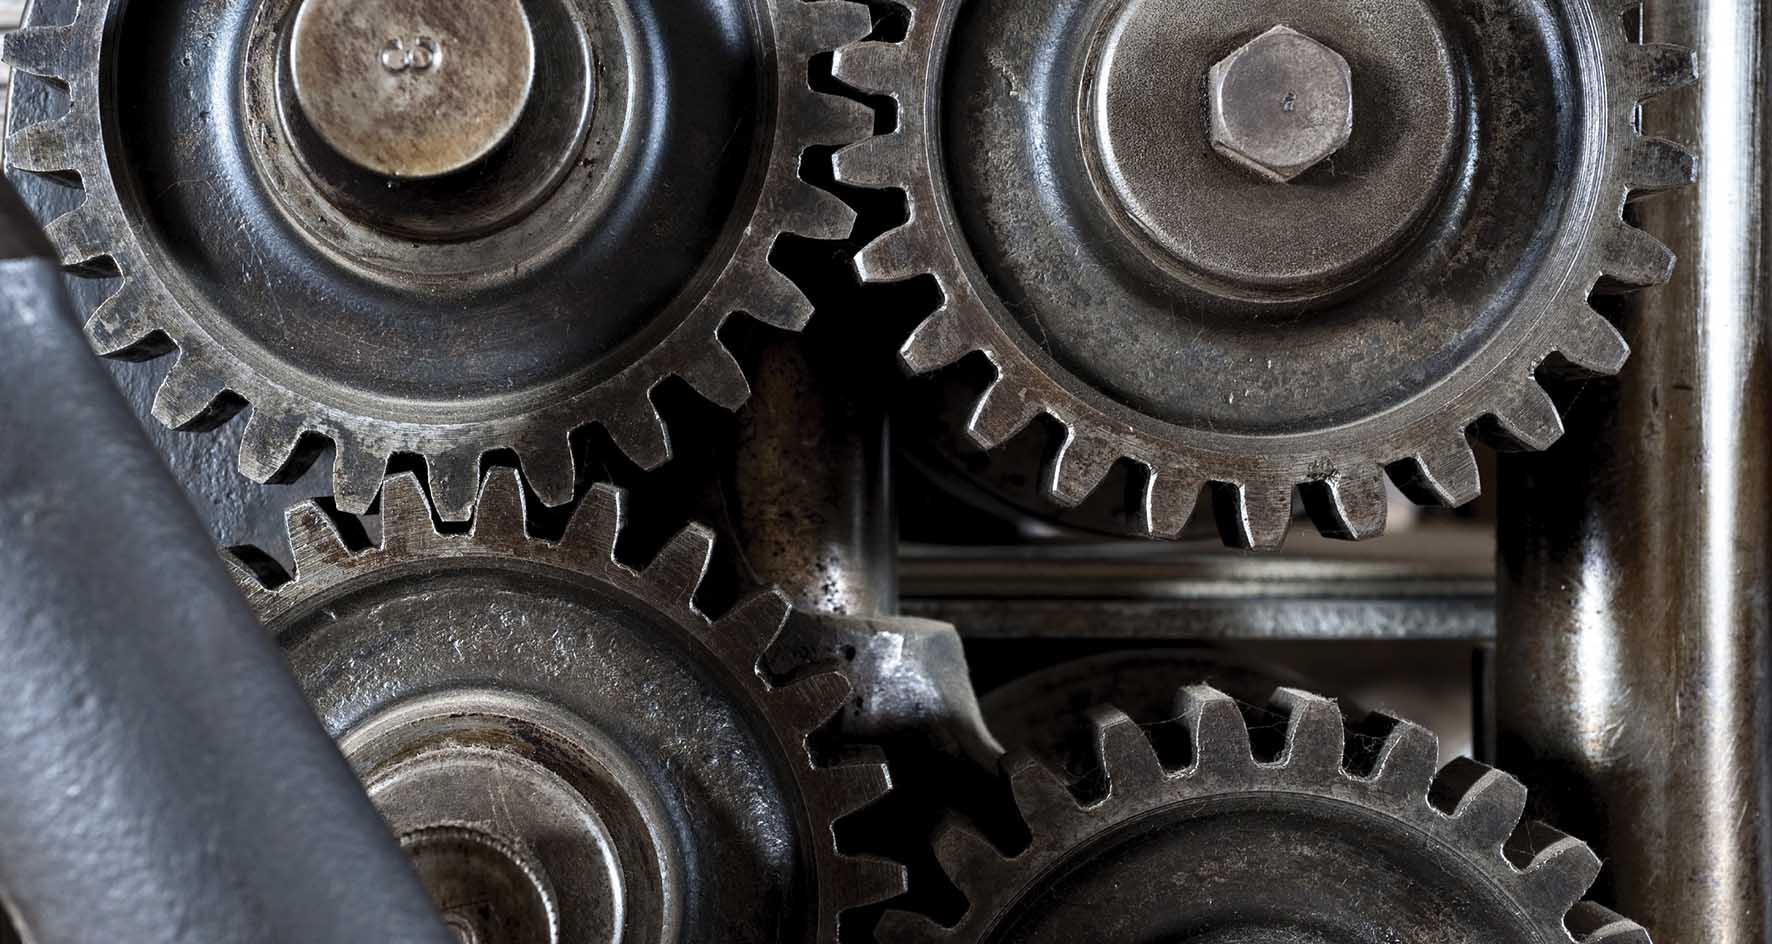 distretti industriali italiani ingranaggi industria meccanica